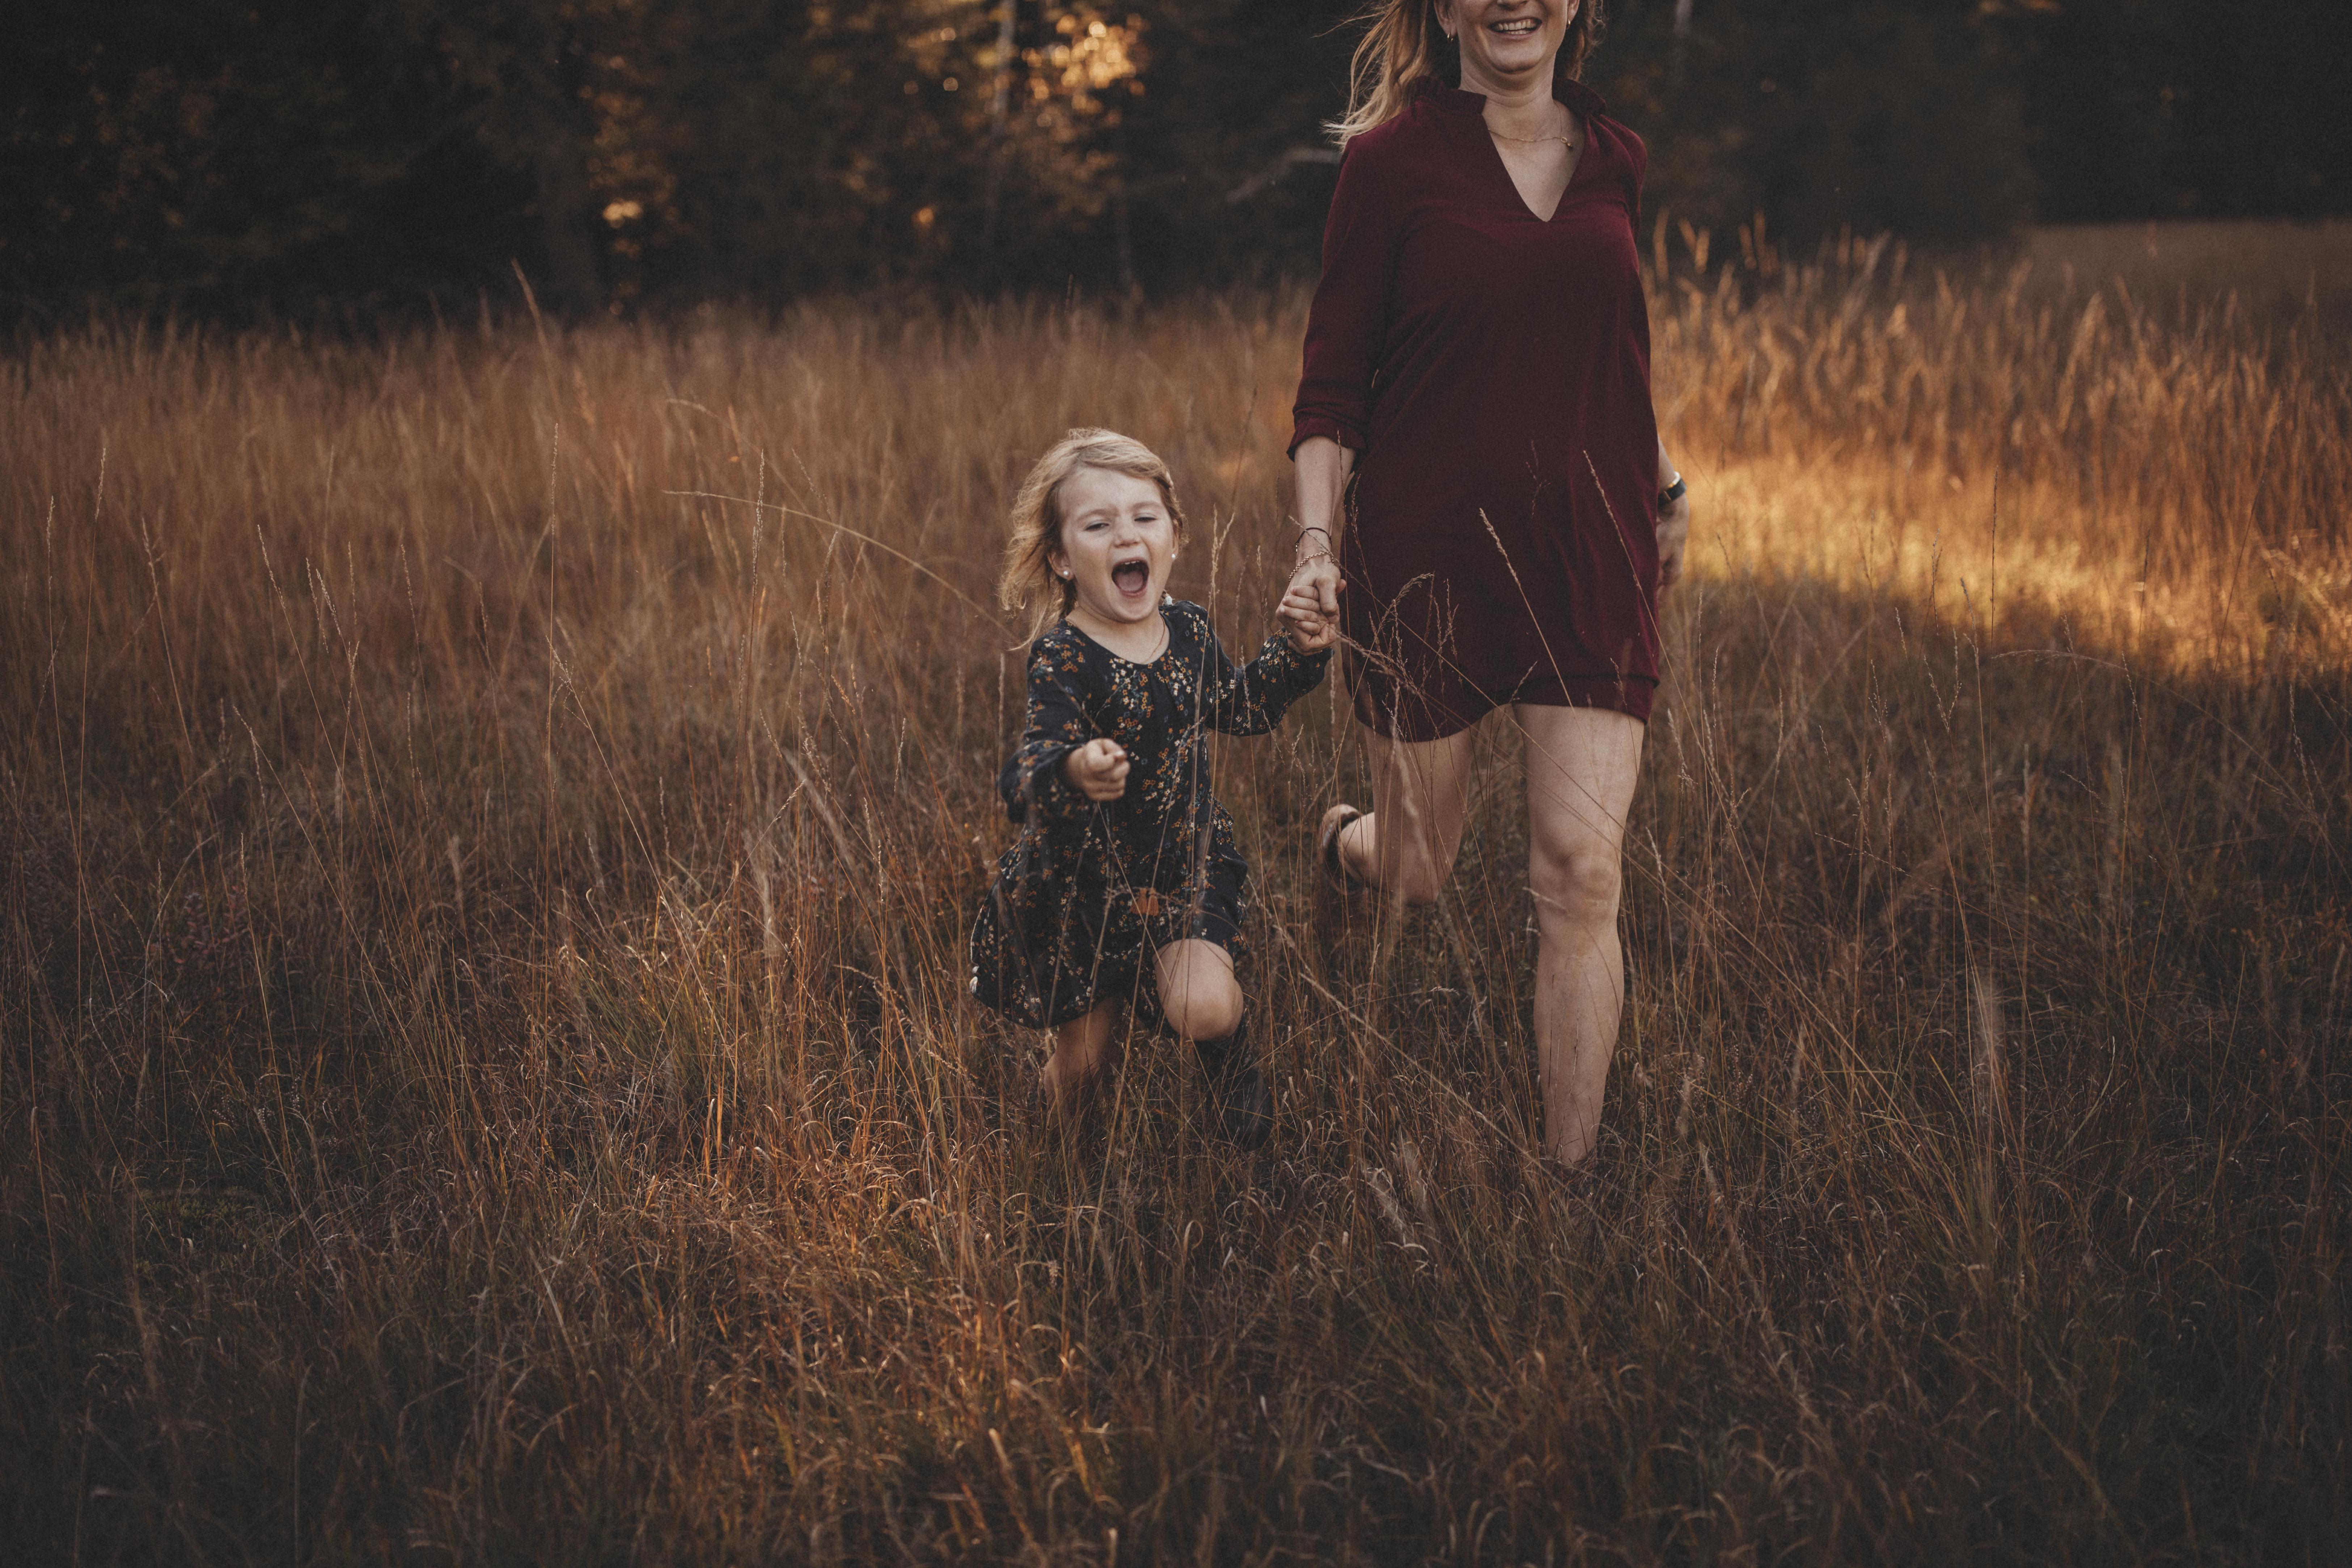 Yipiayeey_Photography_Family-27